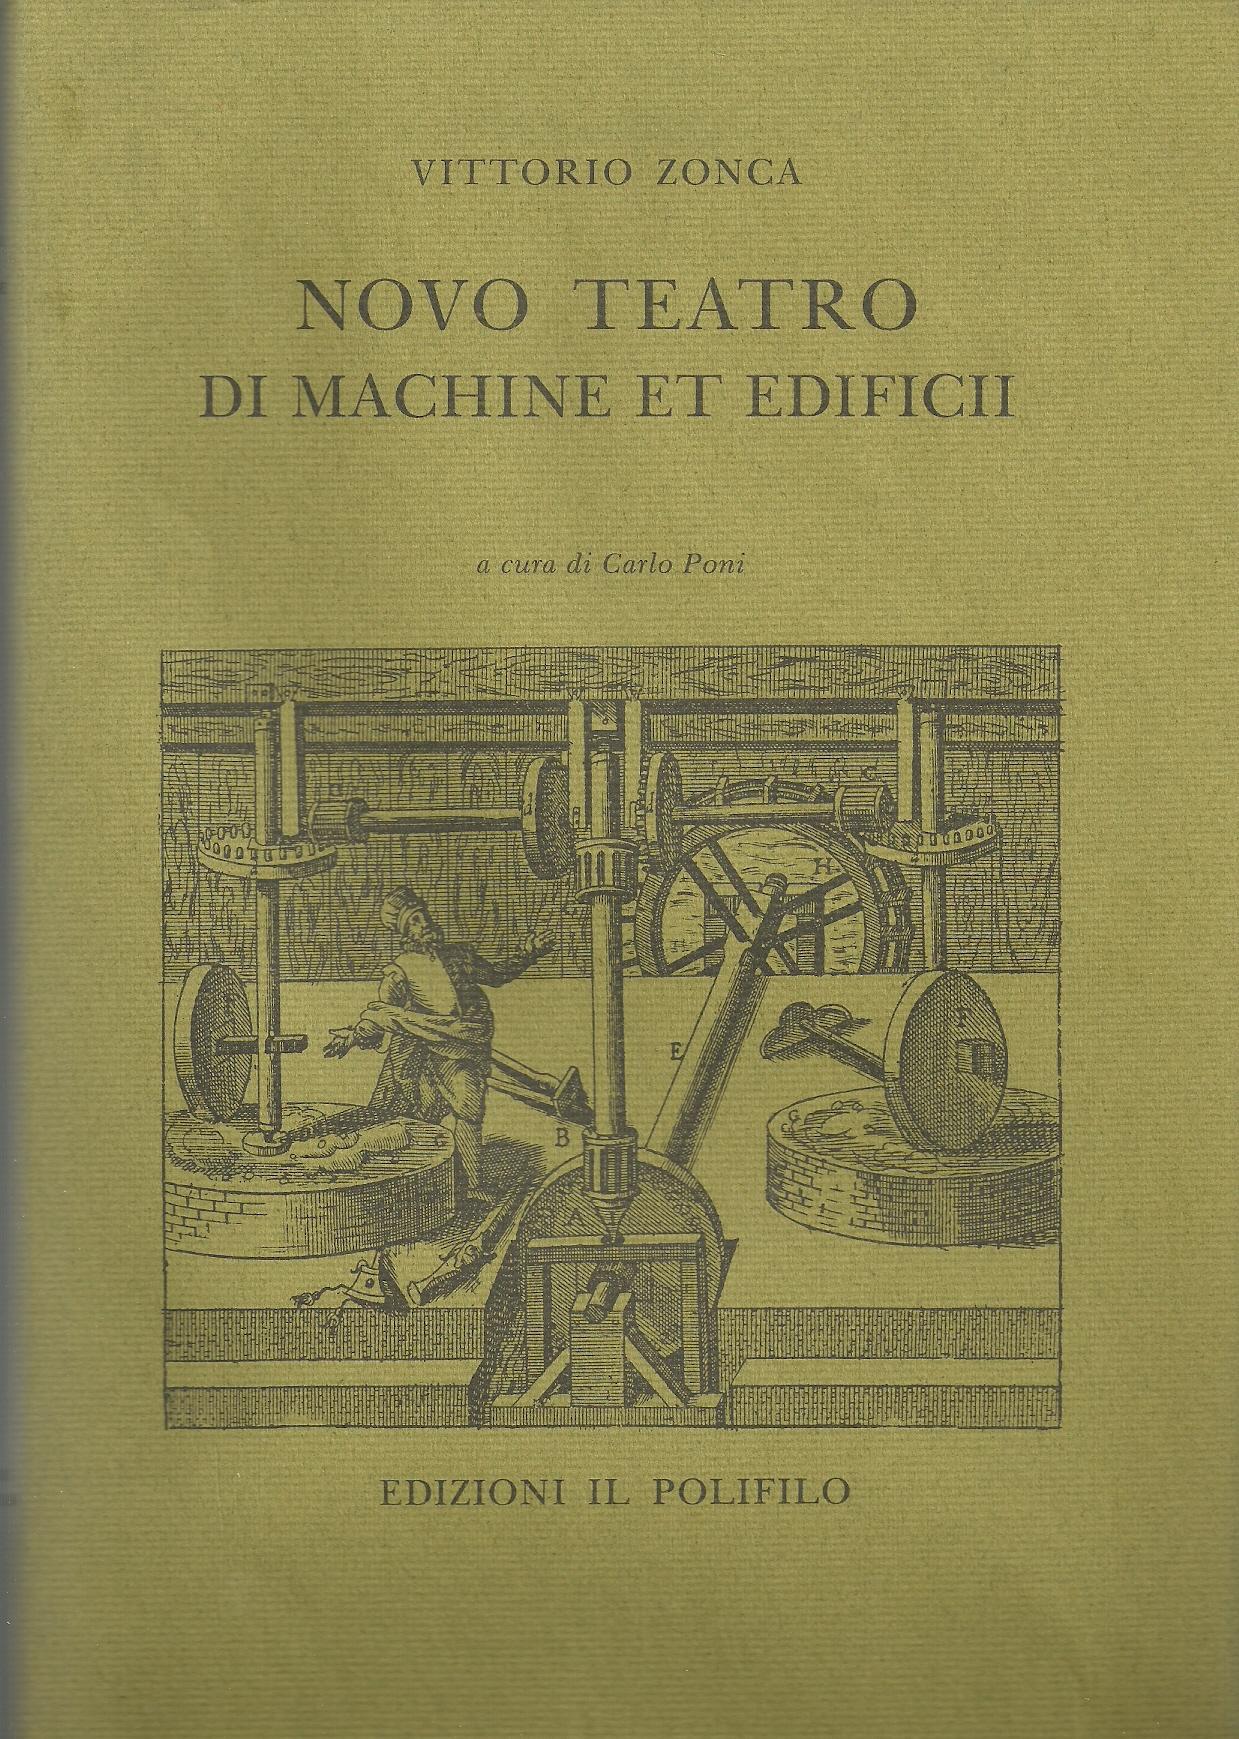 Novo Teatro Di Machine et Edificii, 1607